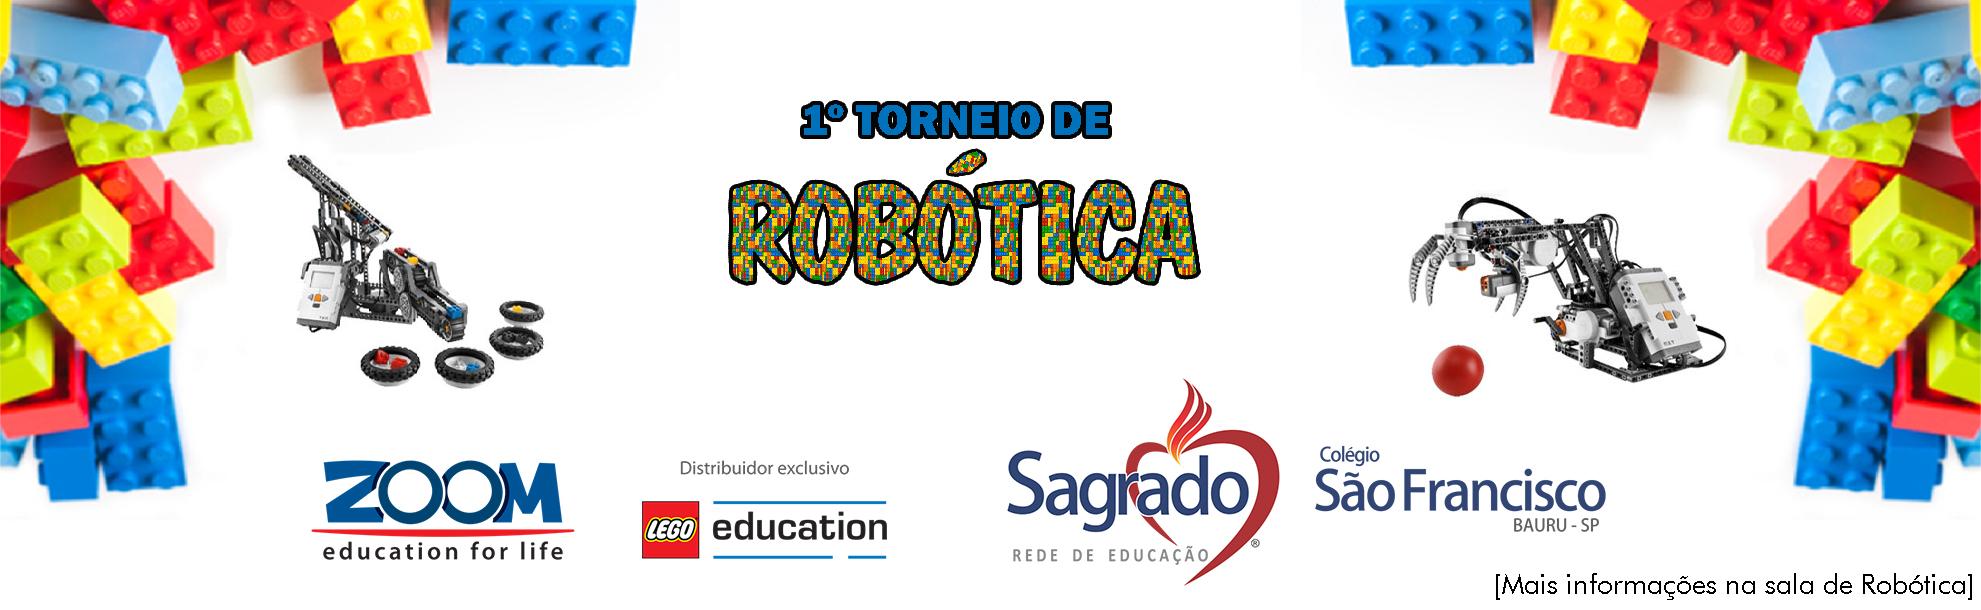 1 torneio de Robótica CSFA 2015